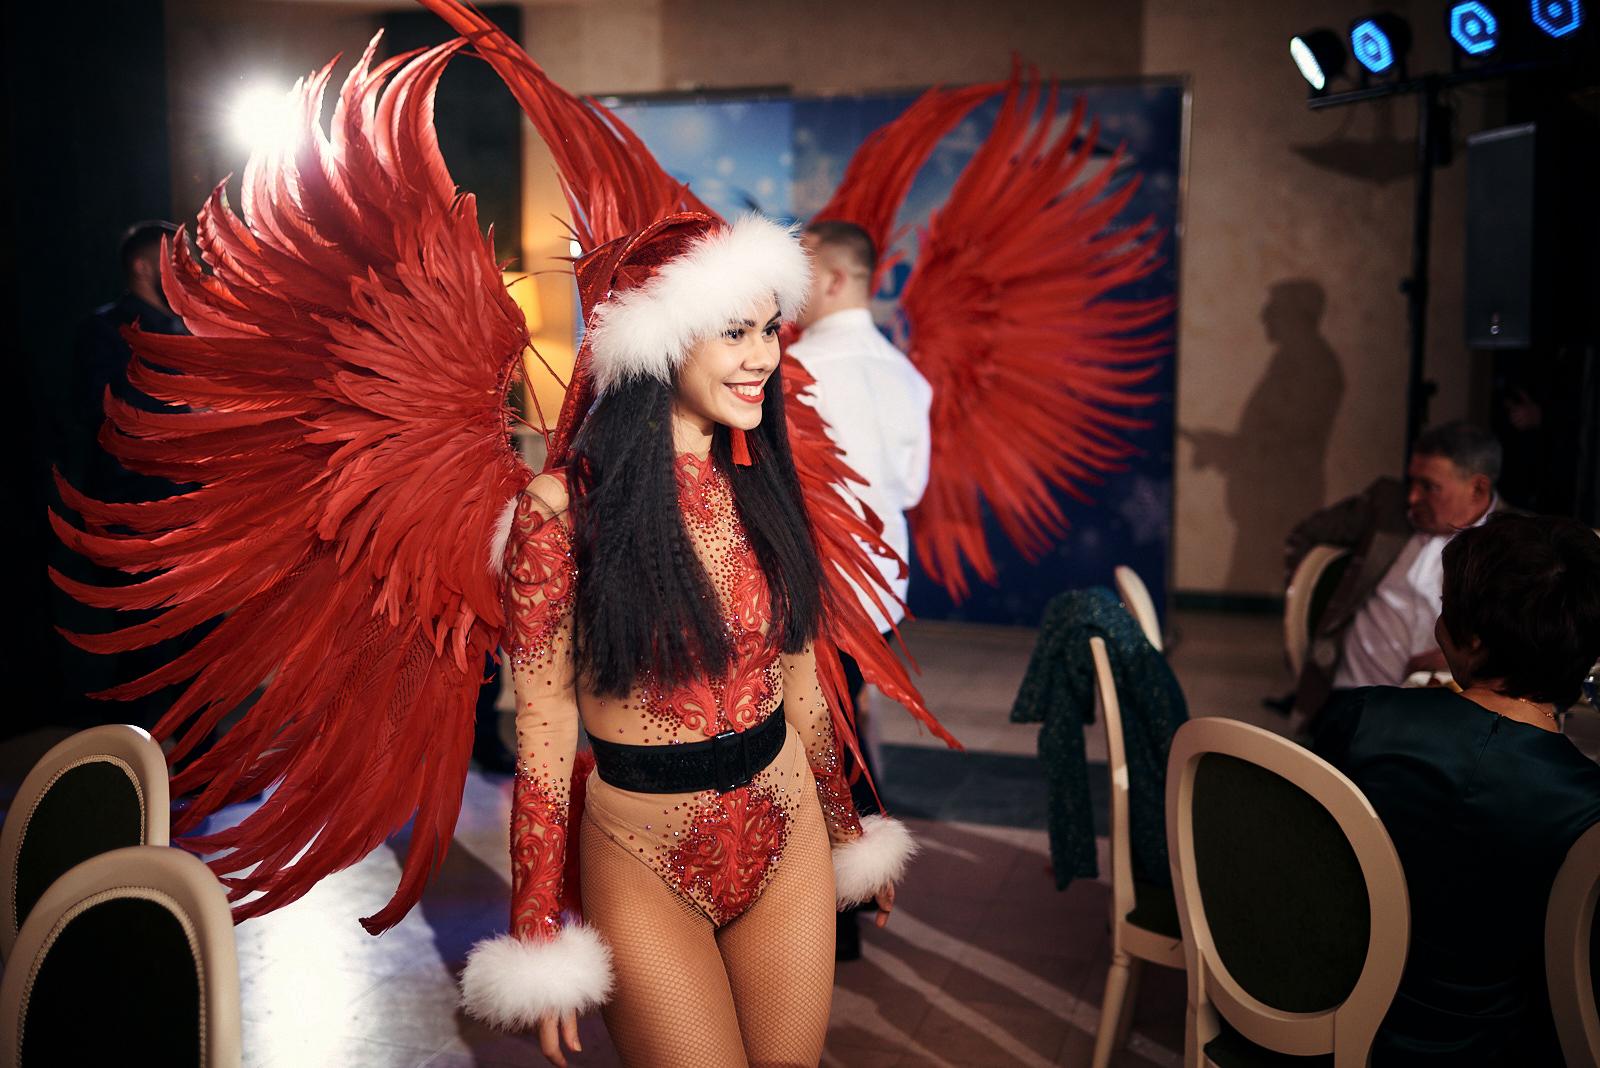 Новогодний карнавал | Шоу-балет Exotic Art в Санкт-Петербурге